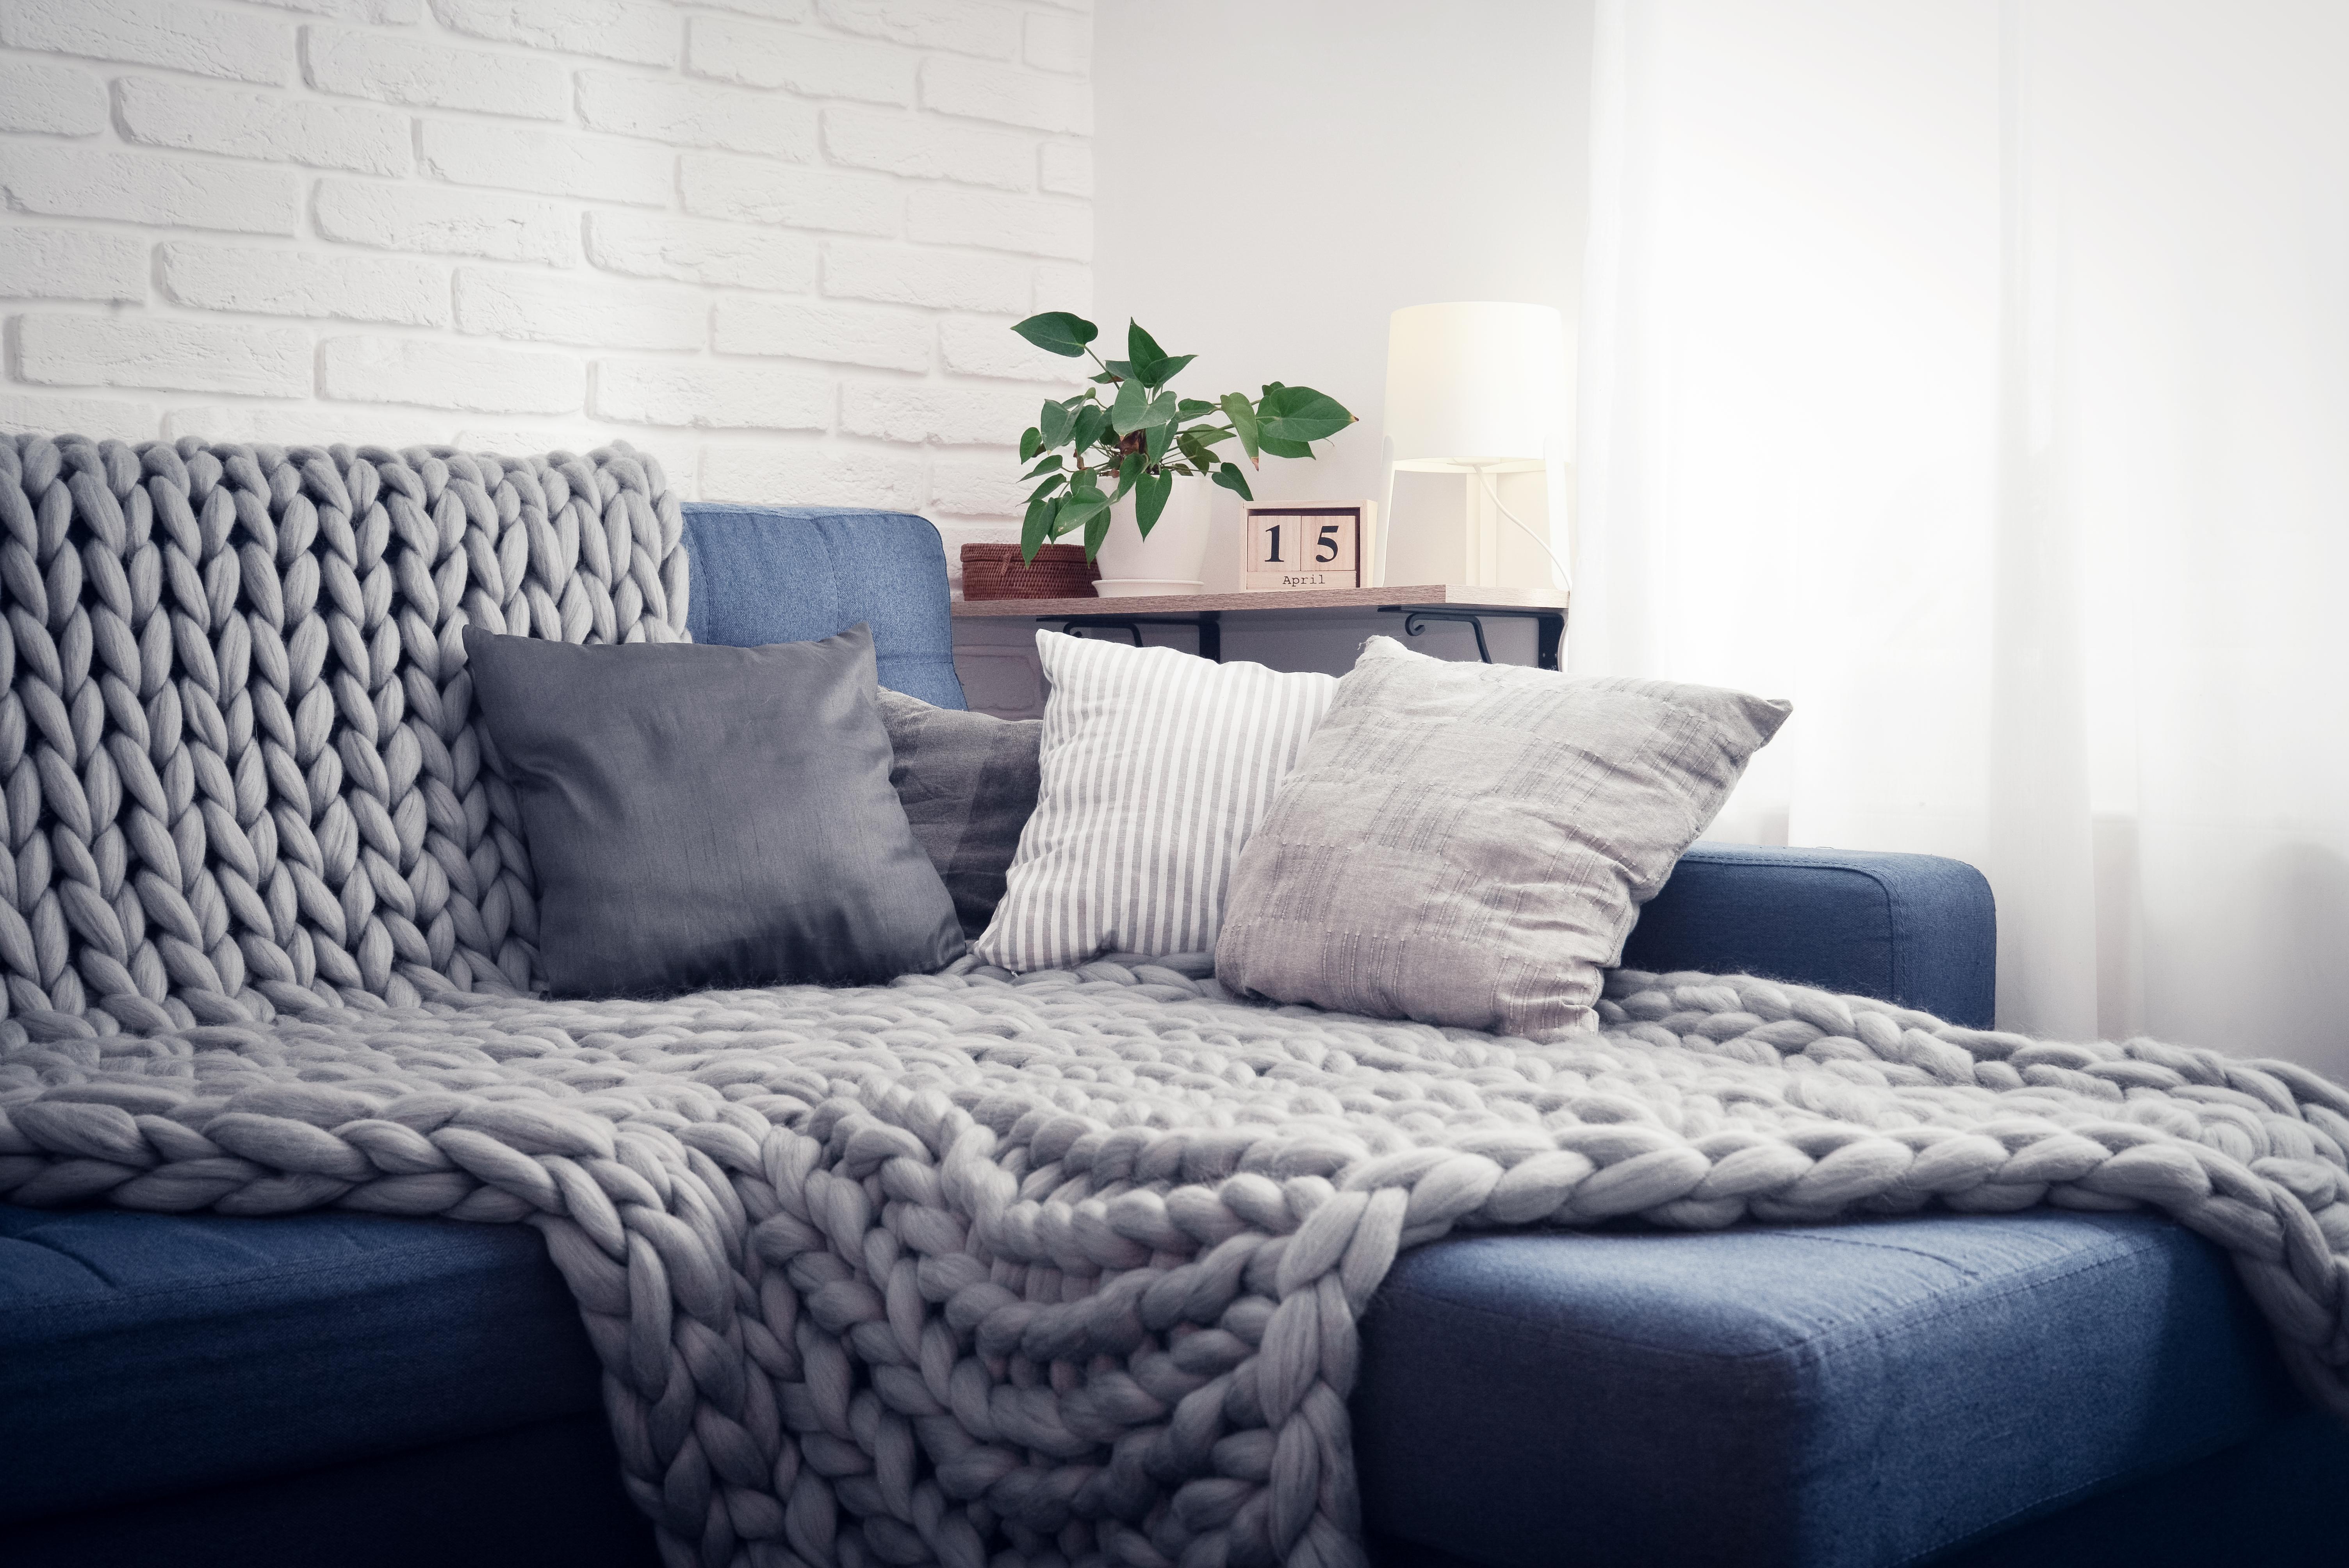 sofá manta almofadas